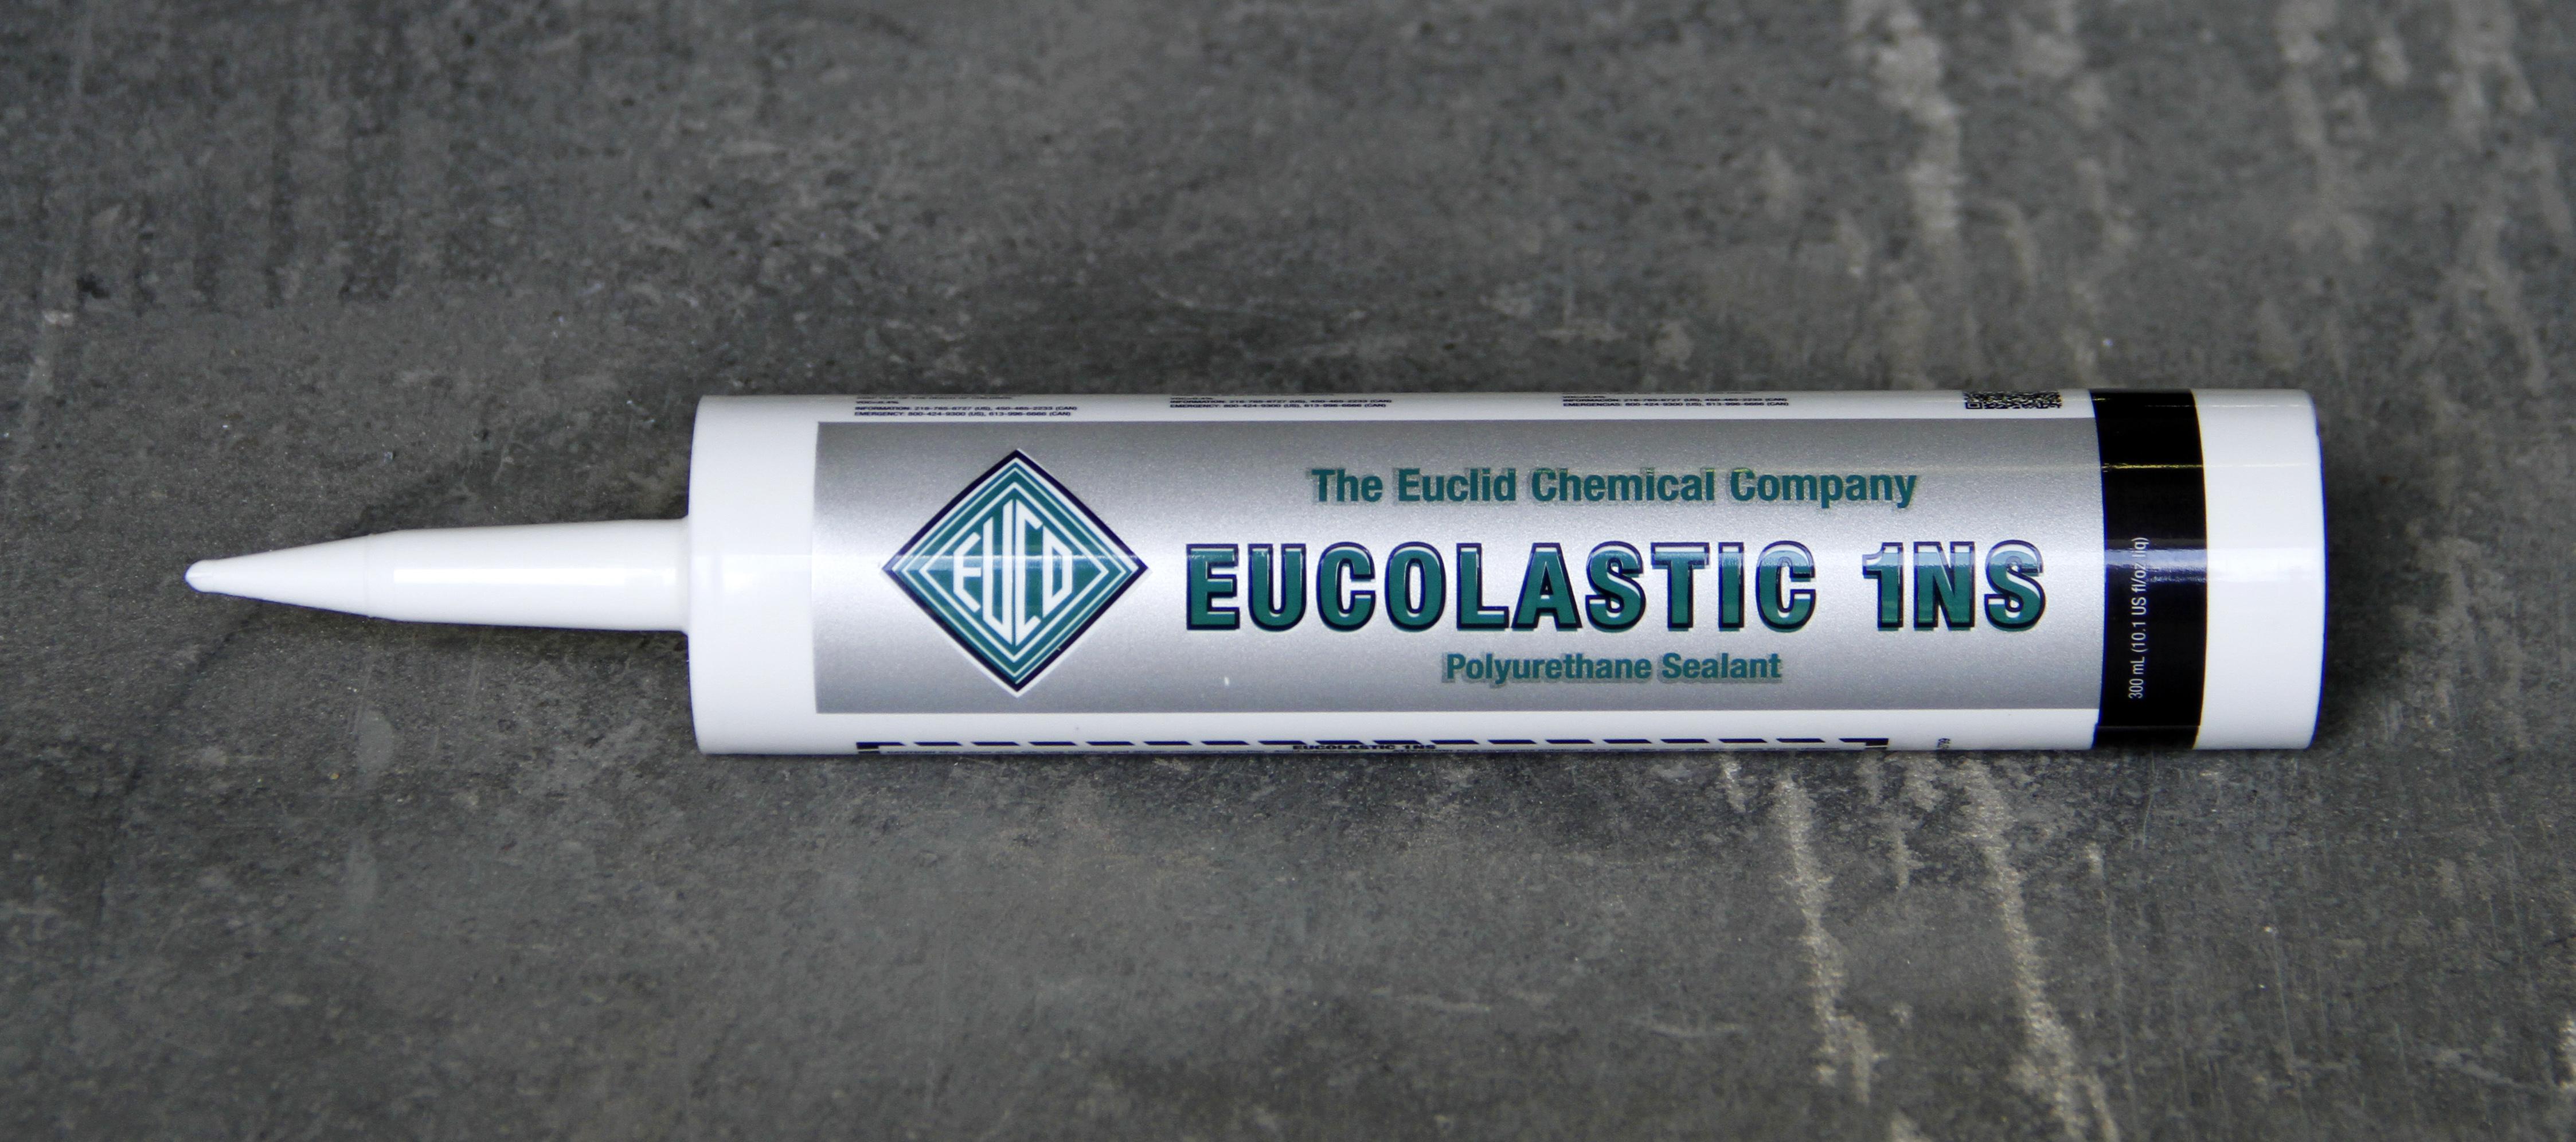 EUCOLASTIC 1NS